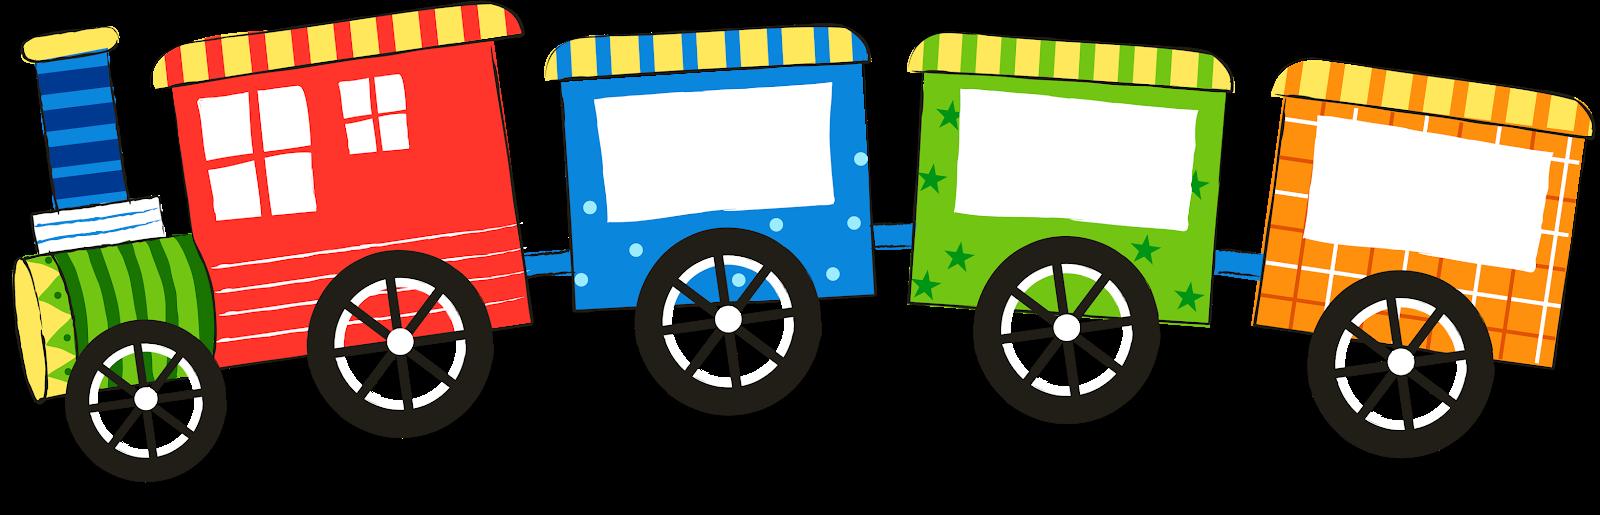 картинка паровозика с вагончиками с детьми расстоянии понимают психологический